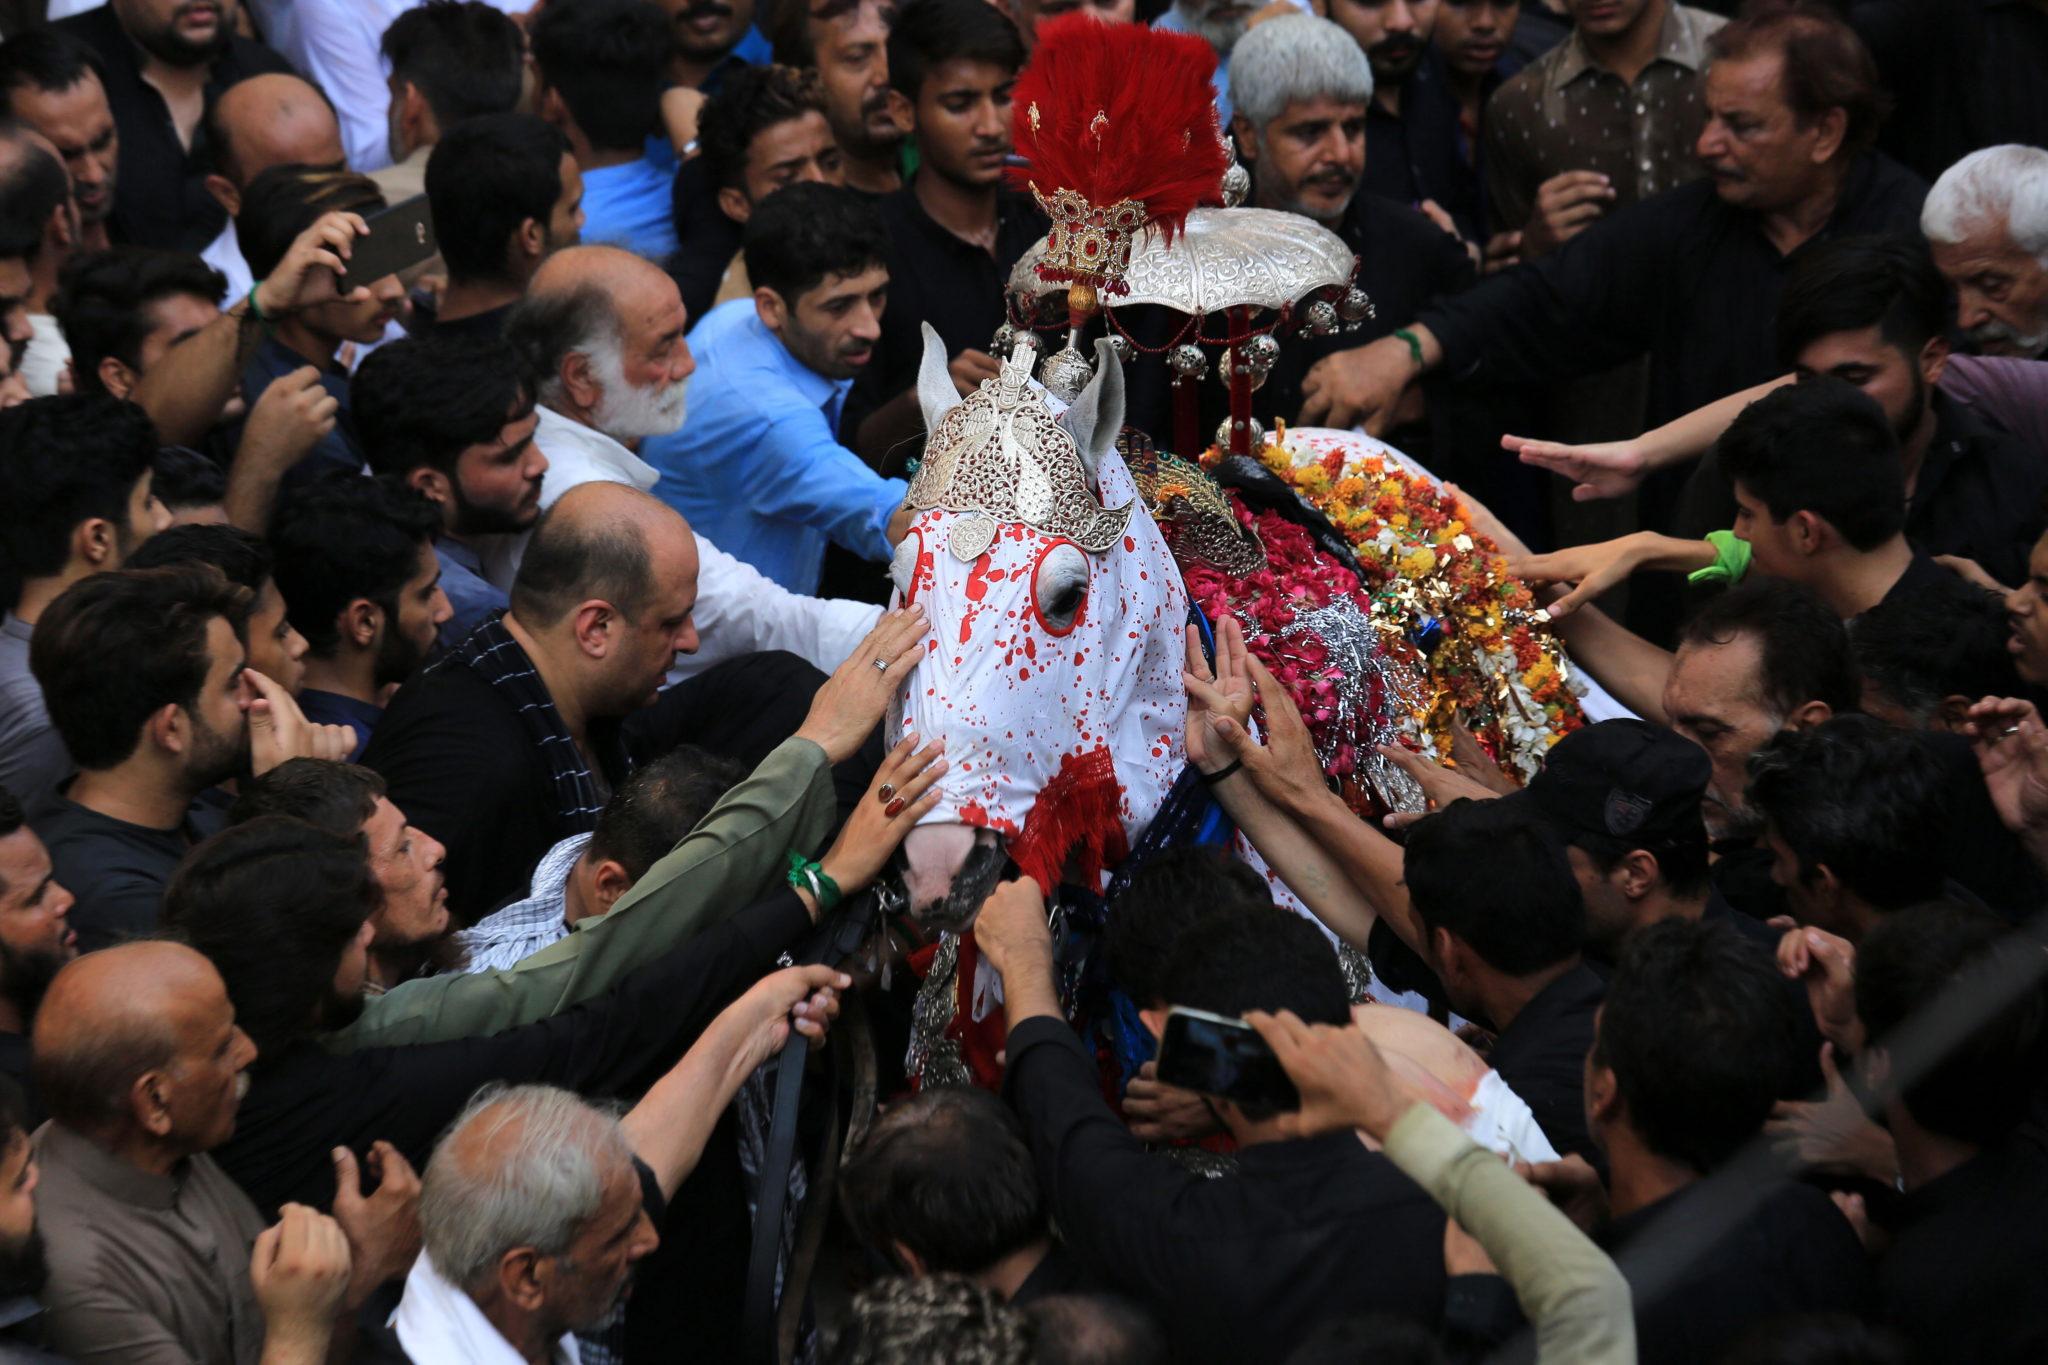 """Peszawar, Pakistan: szyici gromadzą się wokół """"Zuljinah"""" symbolizującego konia świętego z VII wieku Imama Hussaina podczas procesji w Ashura Day, fot. Arshad Arbab, PAP/EPA"""